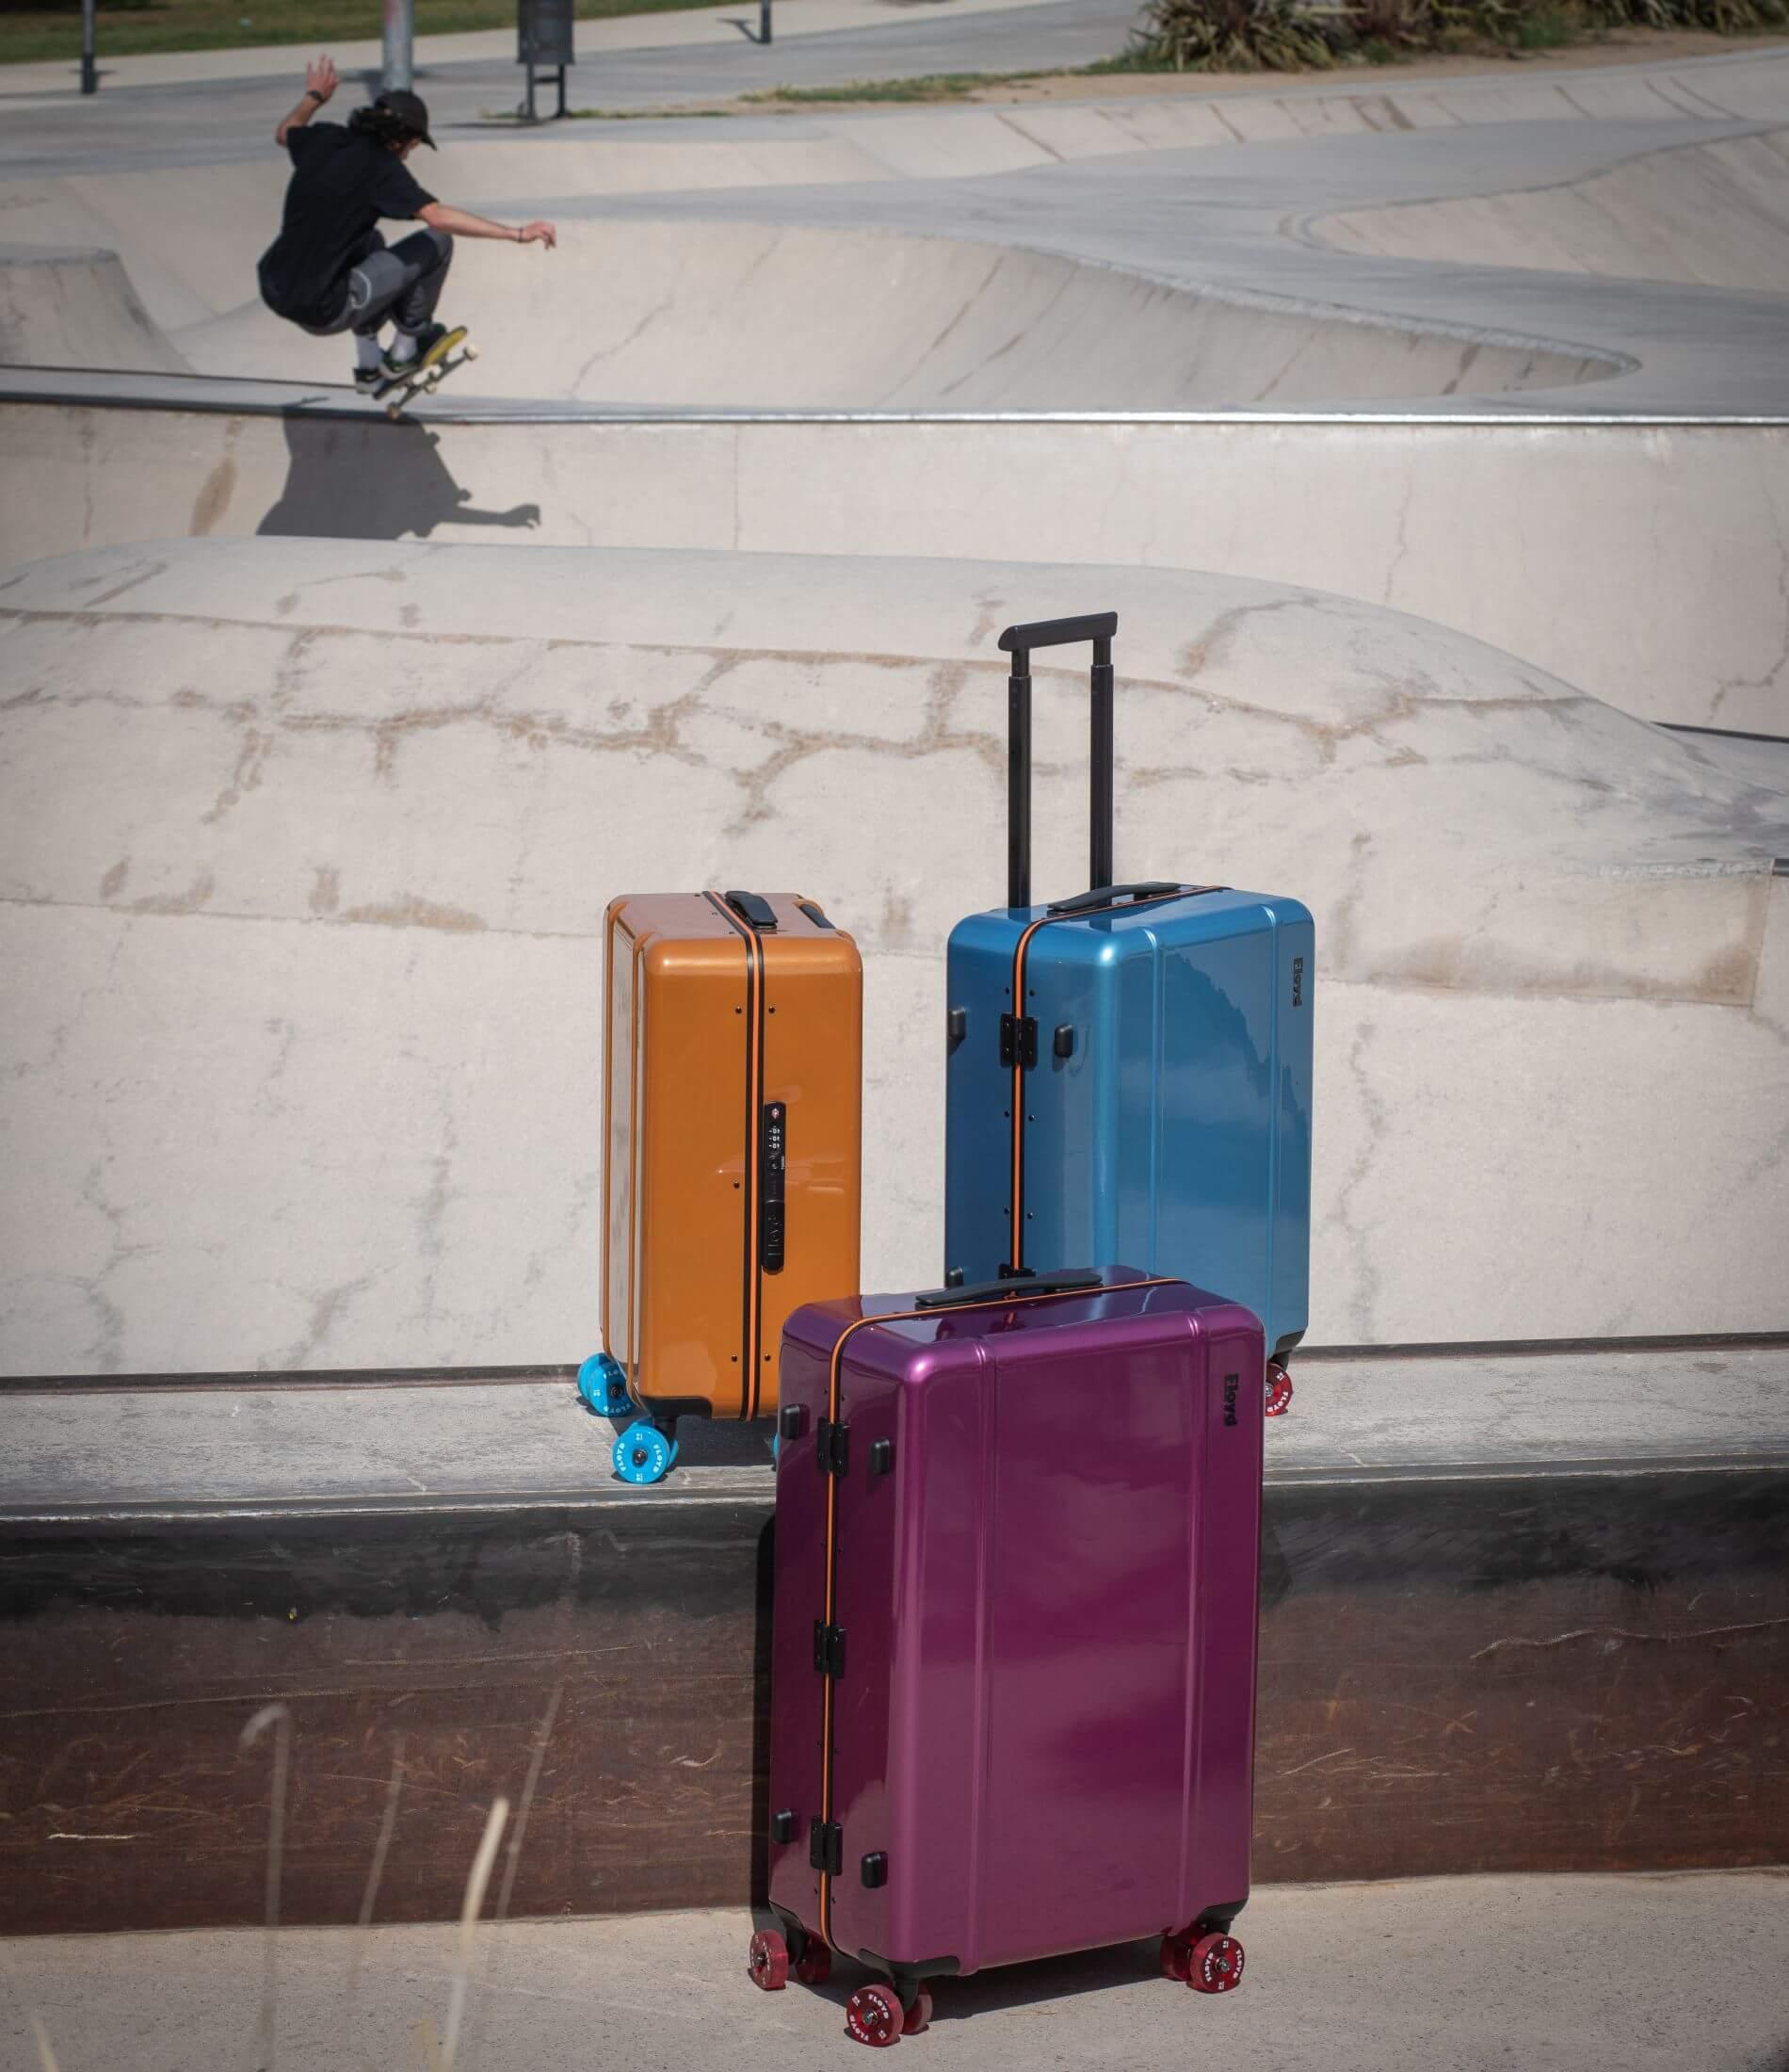 imagen de una maleta de cabina de Floyd con asidera, que vendemos en Pilma Travel como distribuidor de  maletas de Floyd en España